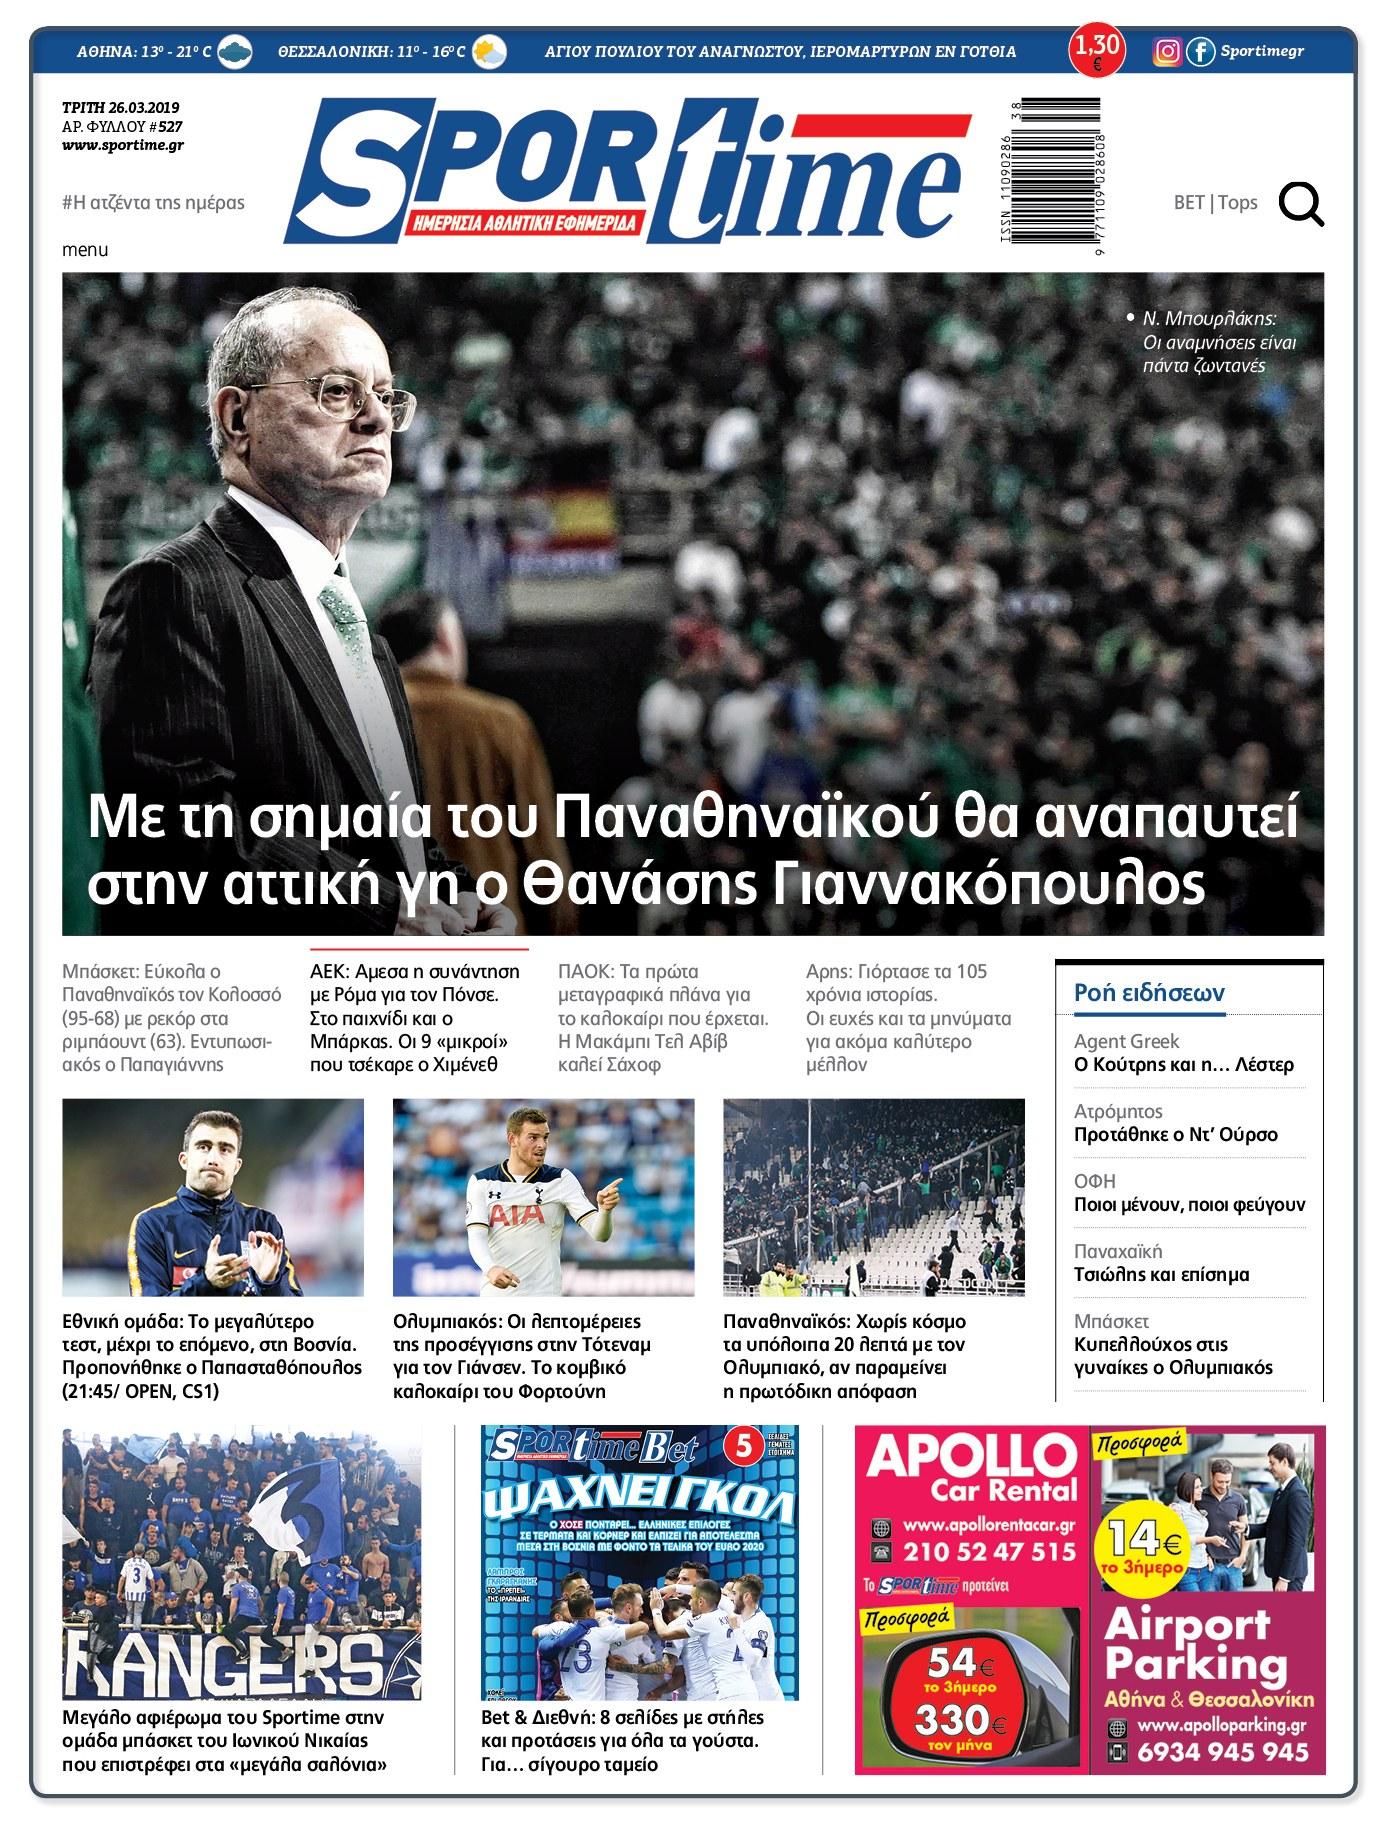 Εφημερίδα SPORTIME - Εξώφυλλο φύλλου 26/3/2019